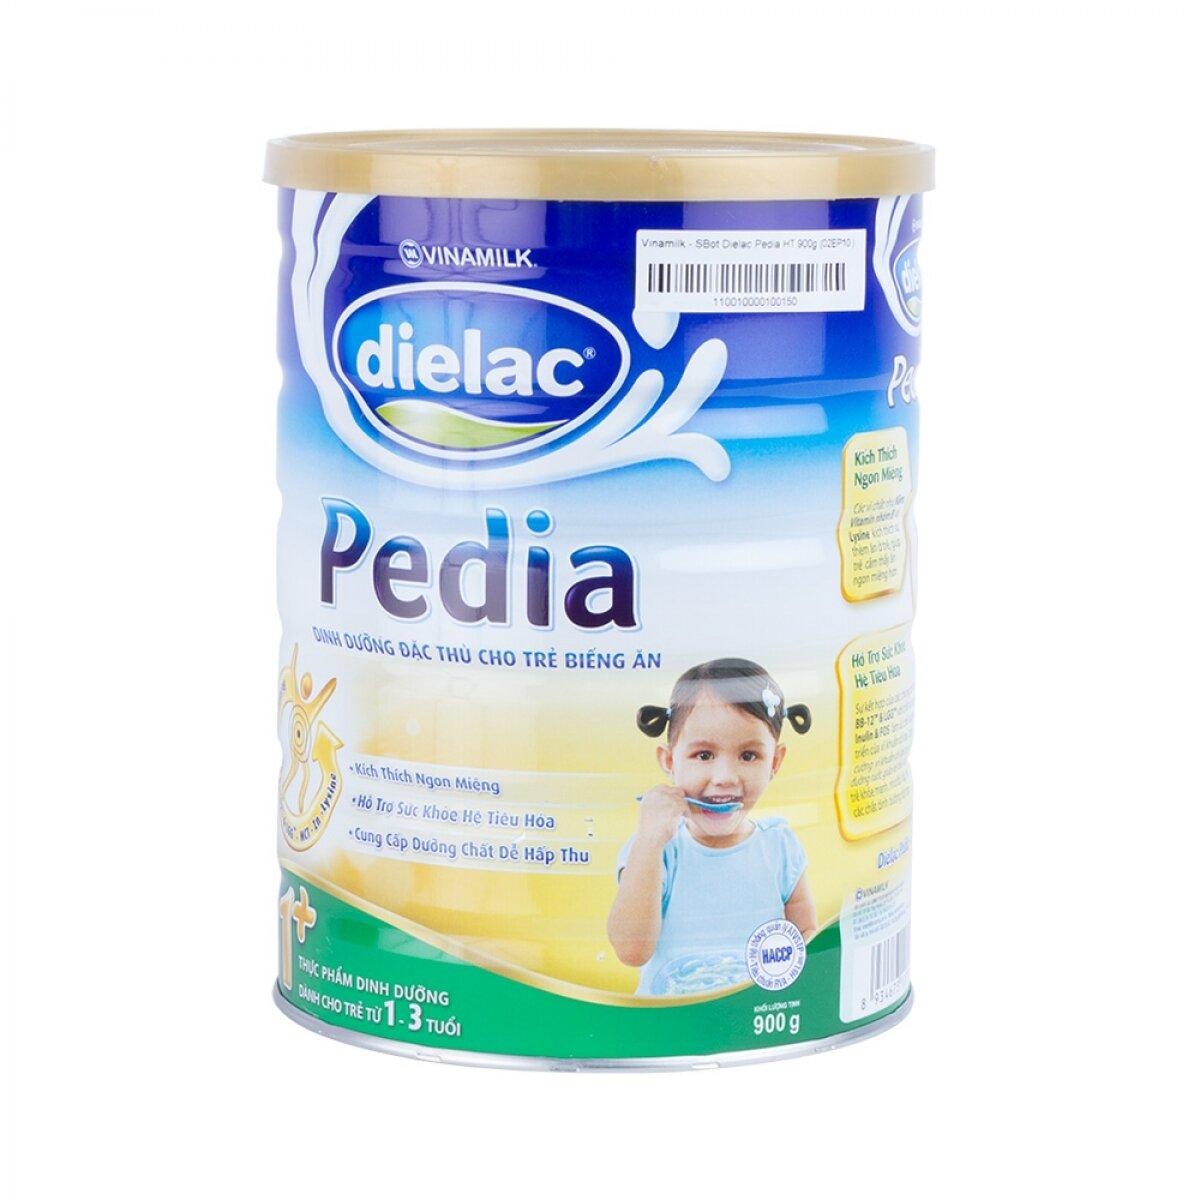 Đánh giá sữa bột Dielac Pedia của Vinamilk- Sữa dành cho trẻ biếng ăn, chậm tăng cân